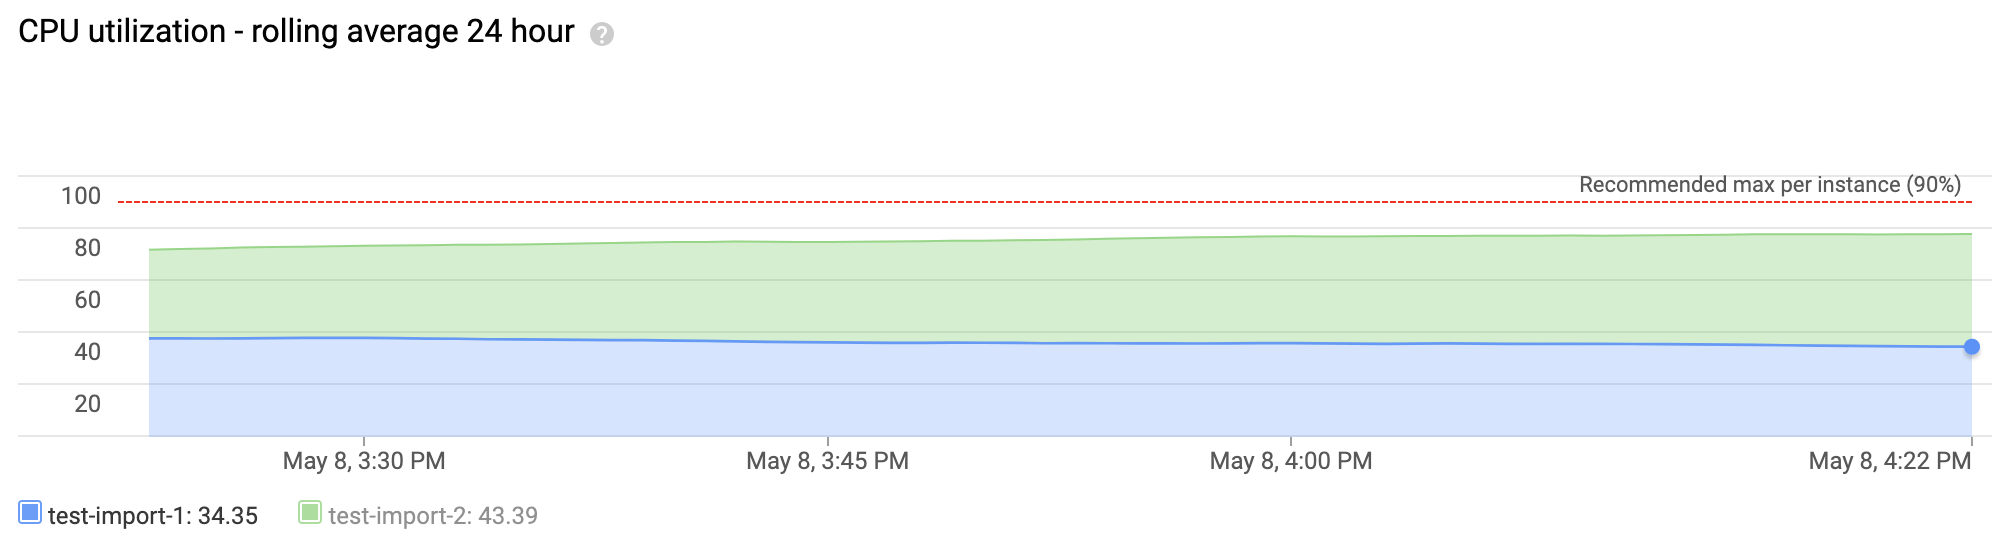 この積み上げ折れ線グラフは、過去 24 時間に CPU 使用率が平均より高いインスタンスを表しています。このグラフには、インスタンスで同じ期間に CPU リソースを使用していた 2 つのデータベースが使用できます。